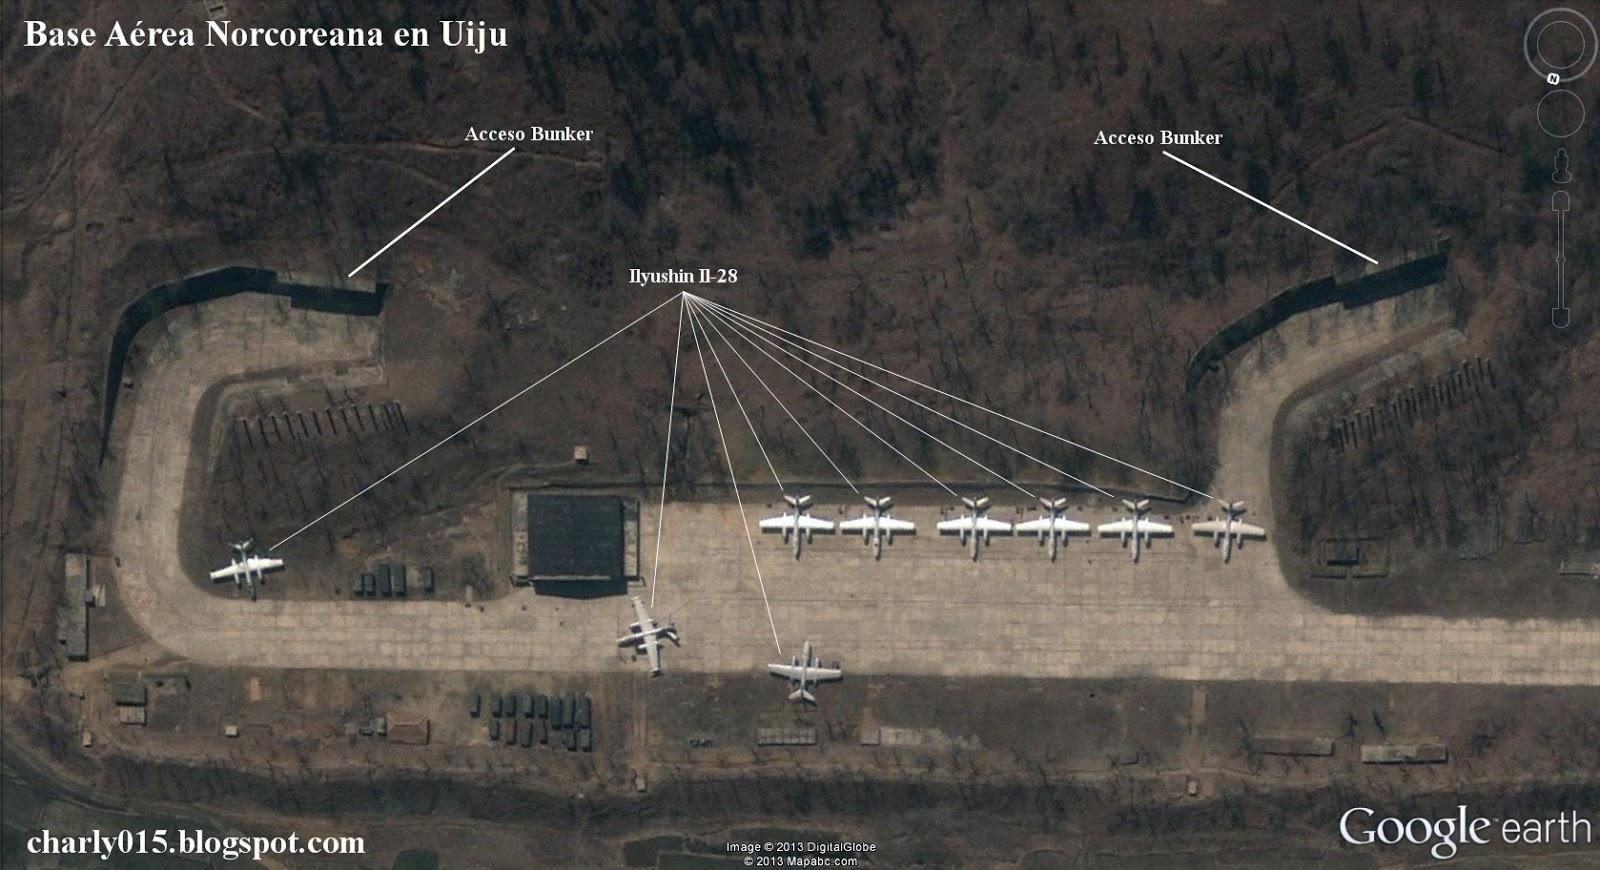 Fuerzas armadas de la Republica de Corea (del sur) Corea+del+norte+uiju+3